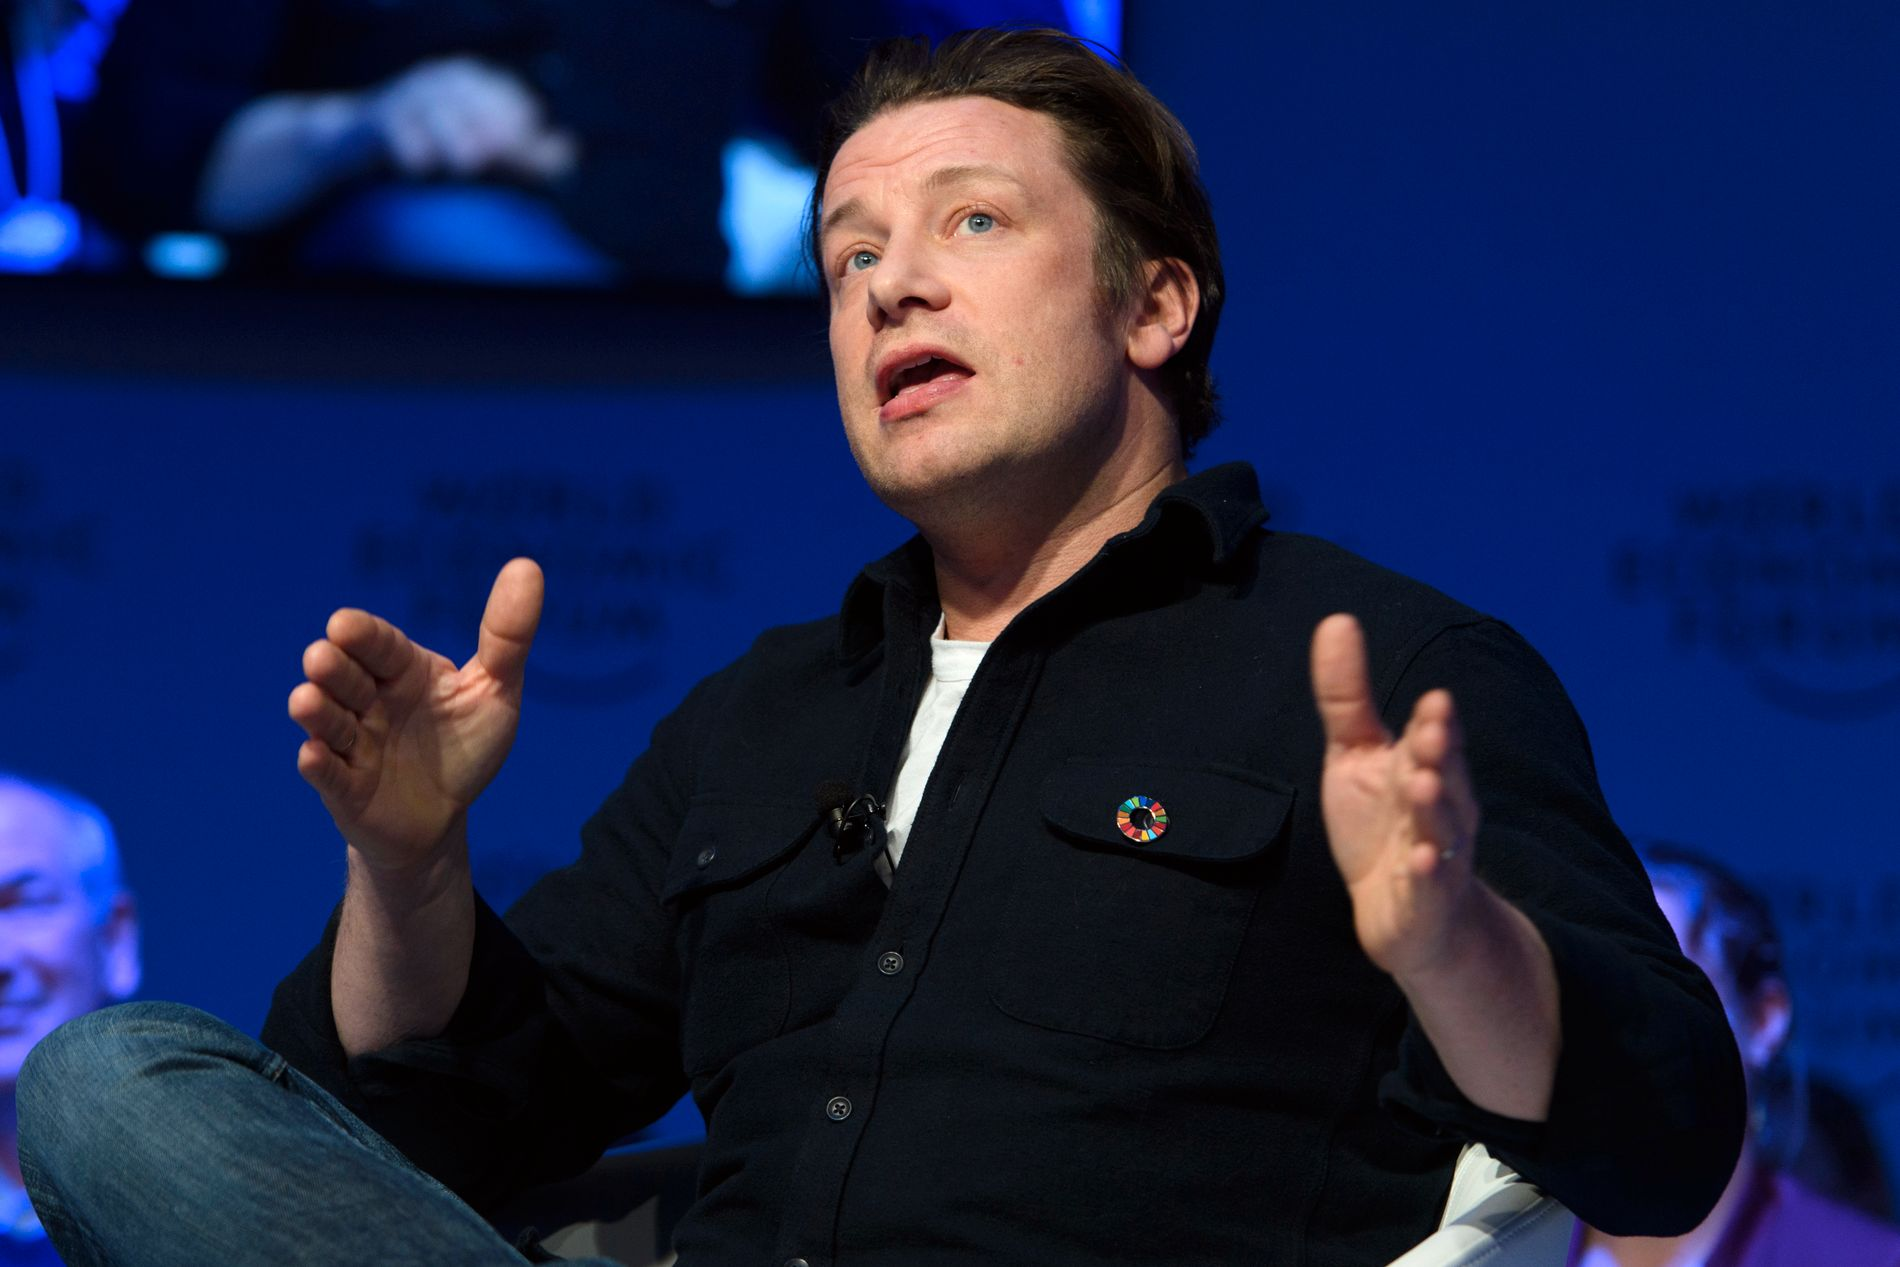 RASENDE: Flere islendinger har reagert sterkt etter at Jamie Oliver uttalte seg positivt om oppdrettslaks. Her avbildet ved en tidligere anledning.